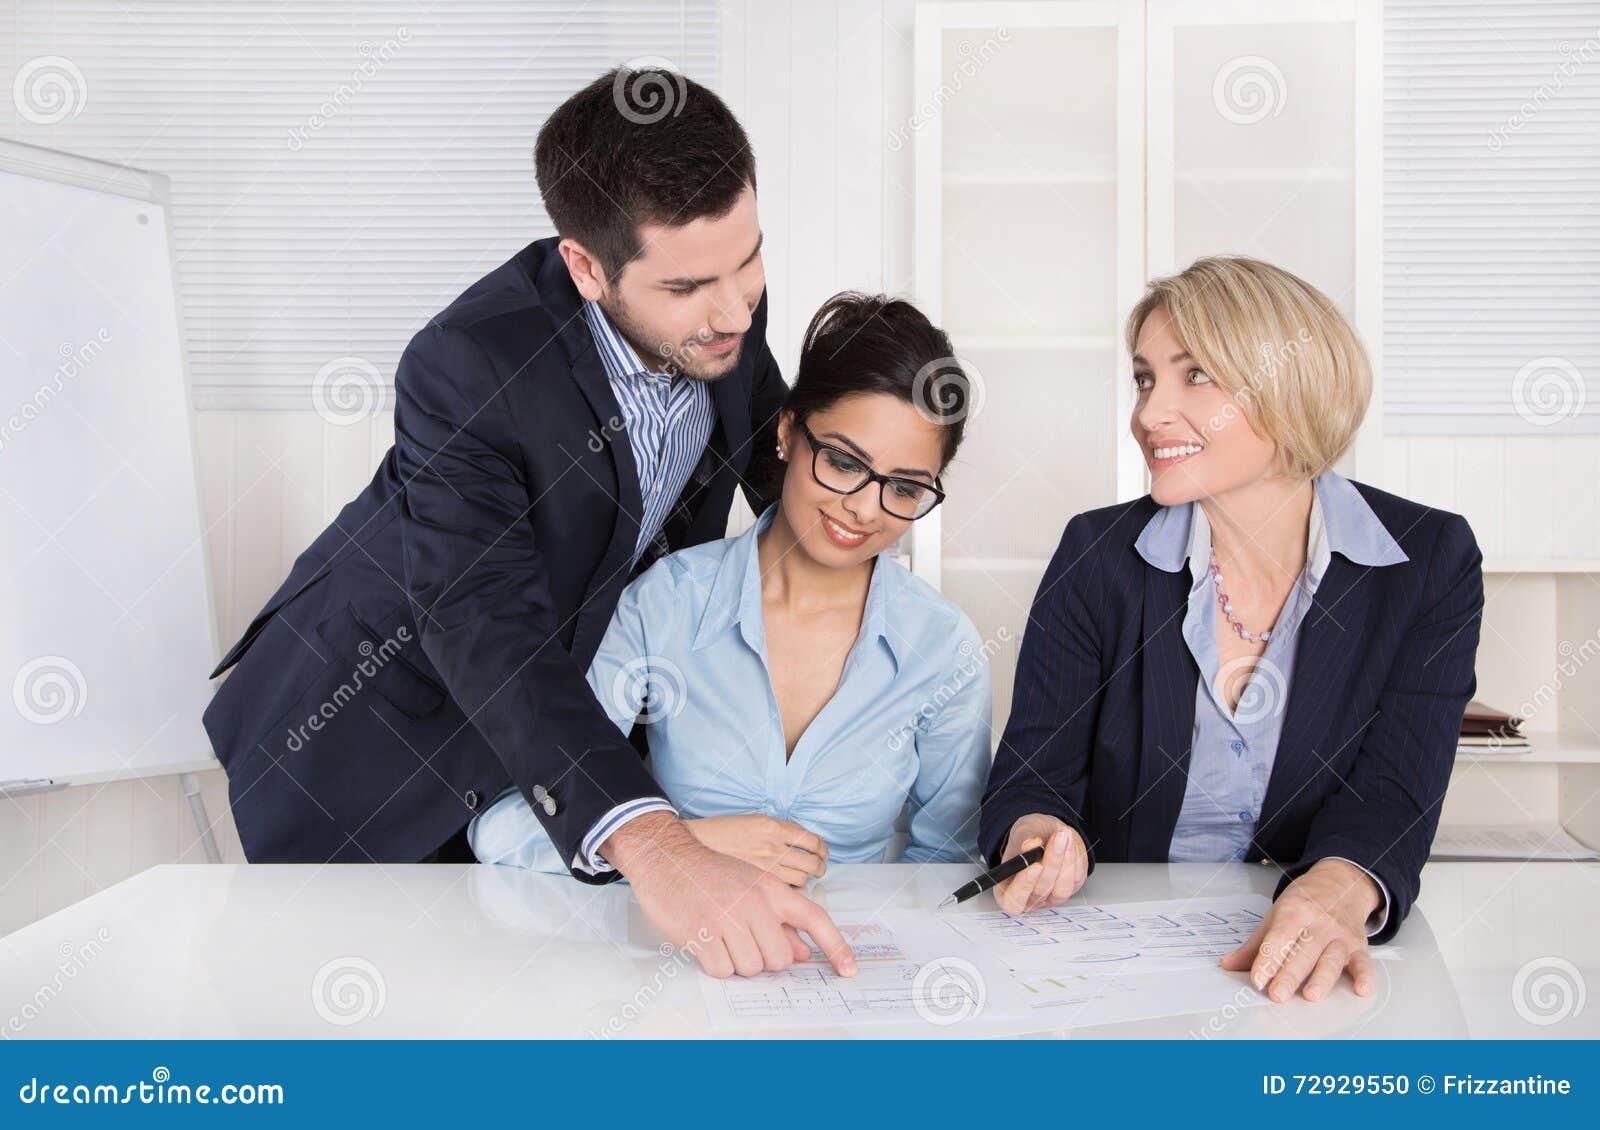 говорить встречи компьтер-книжки стола cmputer бизнесмена дела сь к использованию женщины 3 люд сидя на таблице в офисе